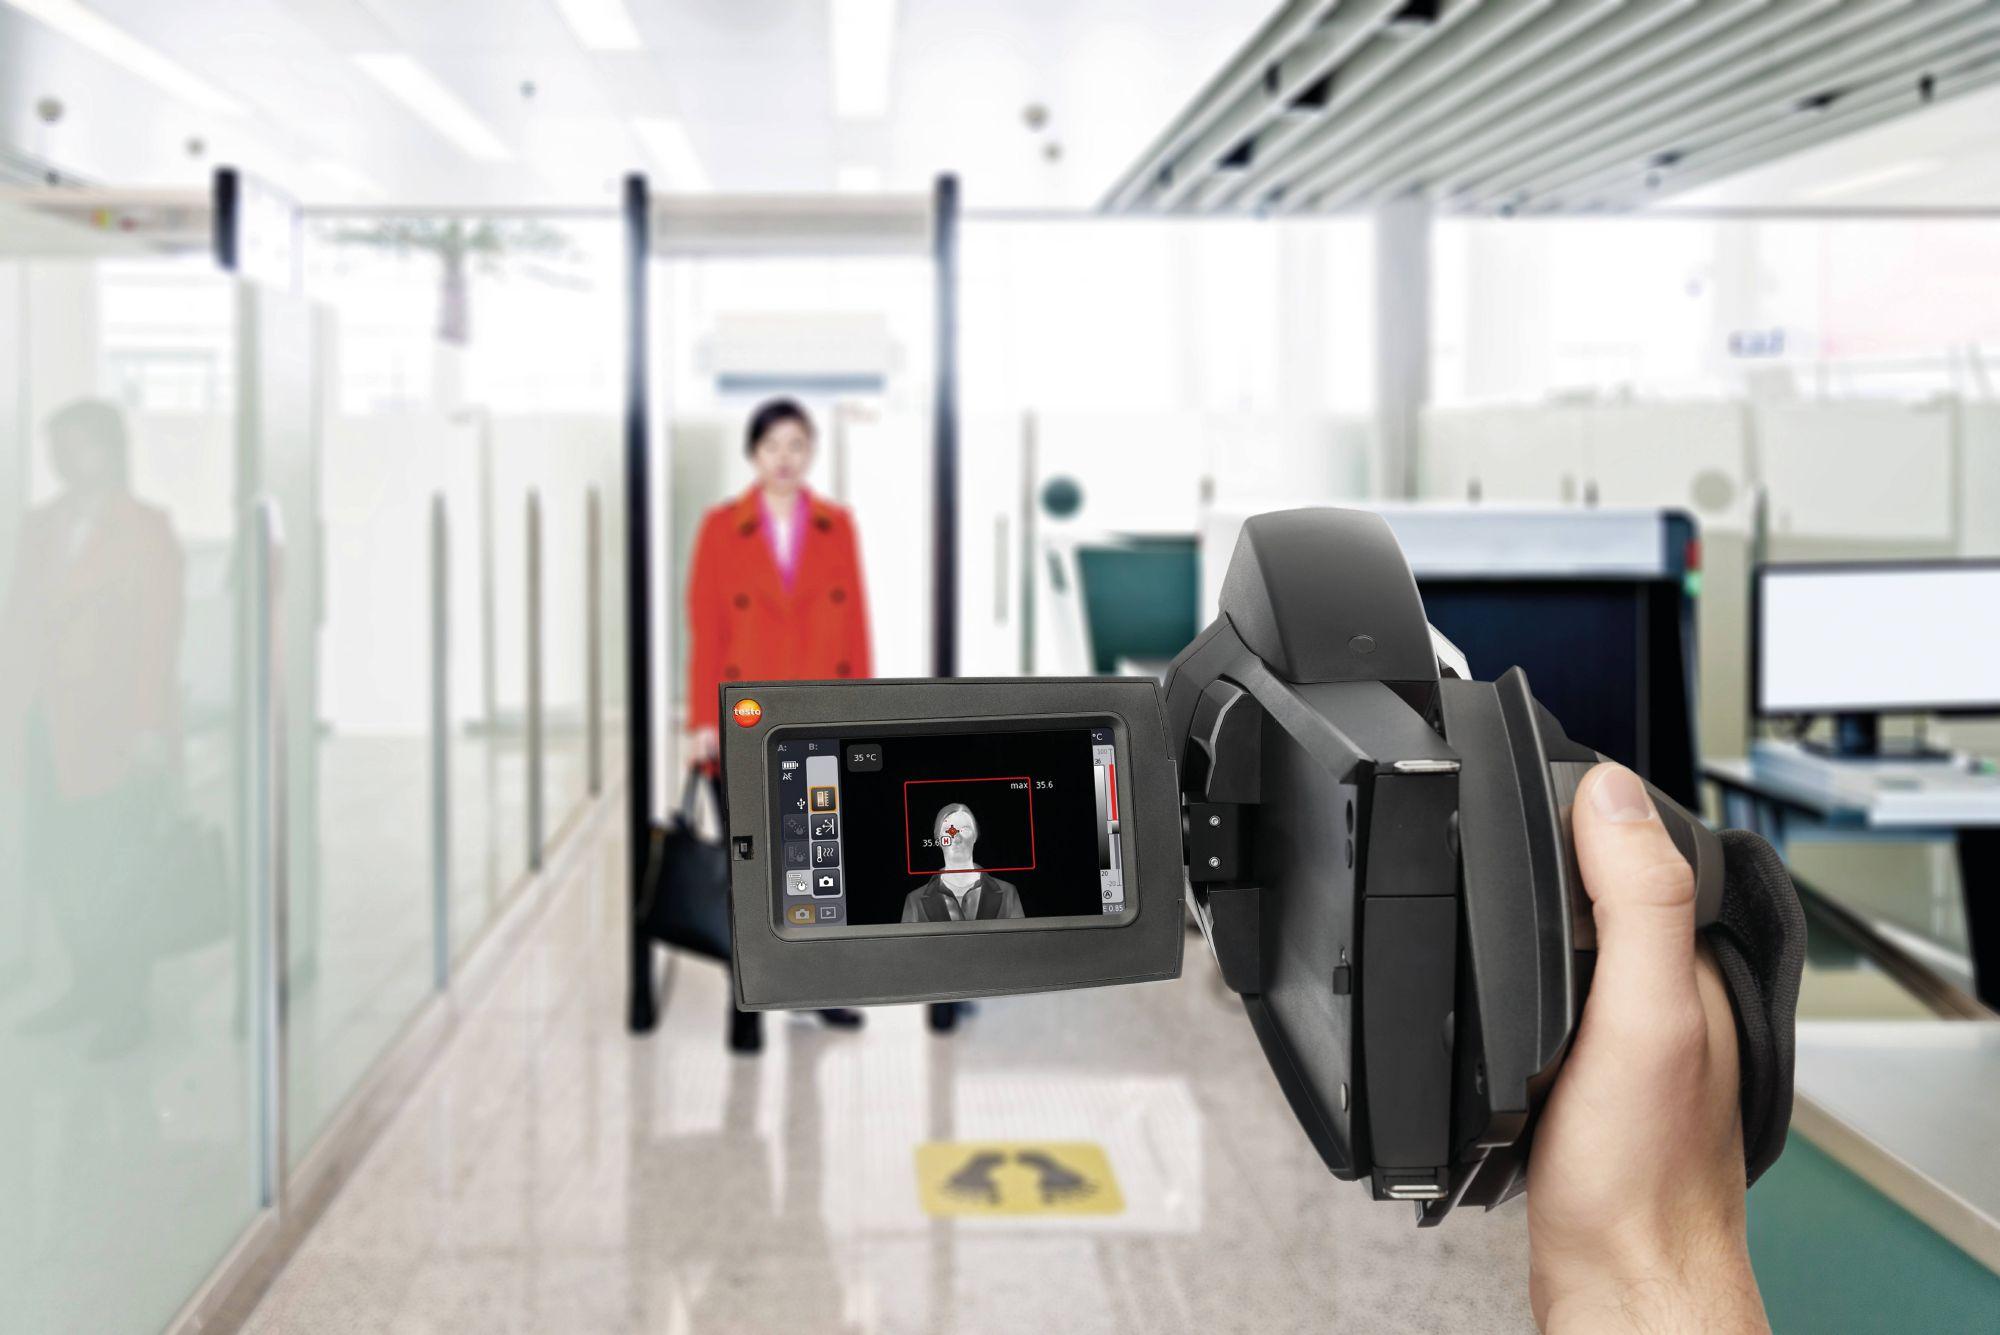 testo-885-fever-detection-airport.jpg